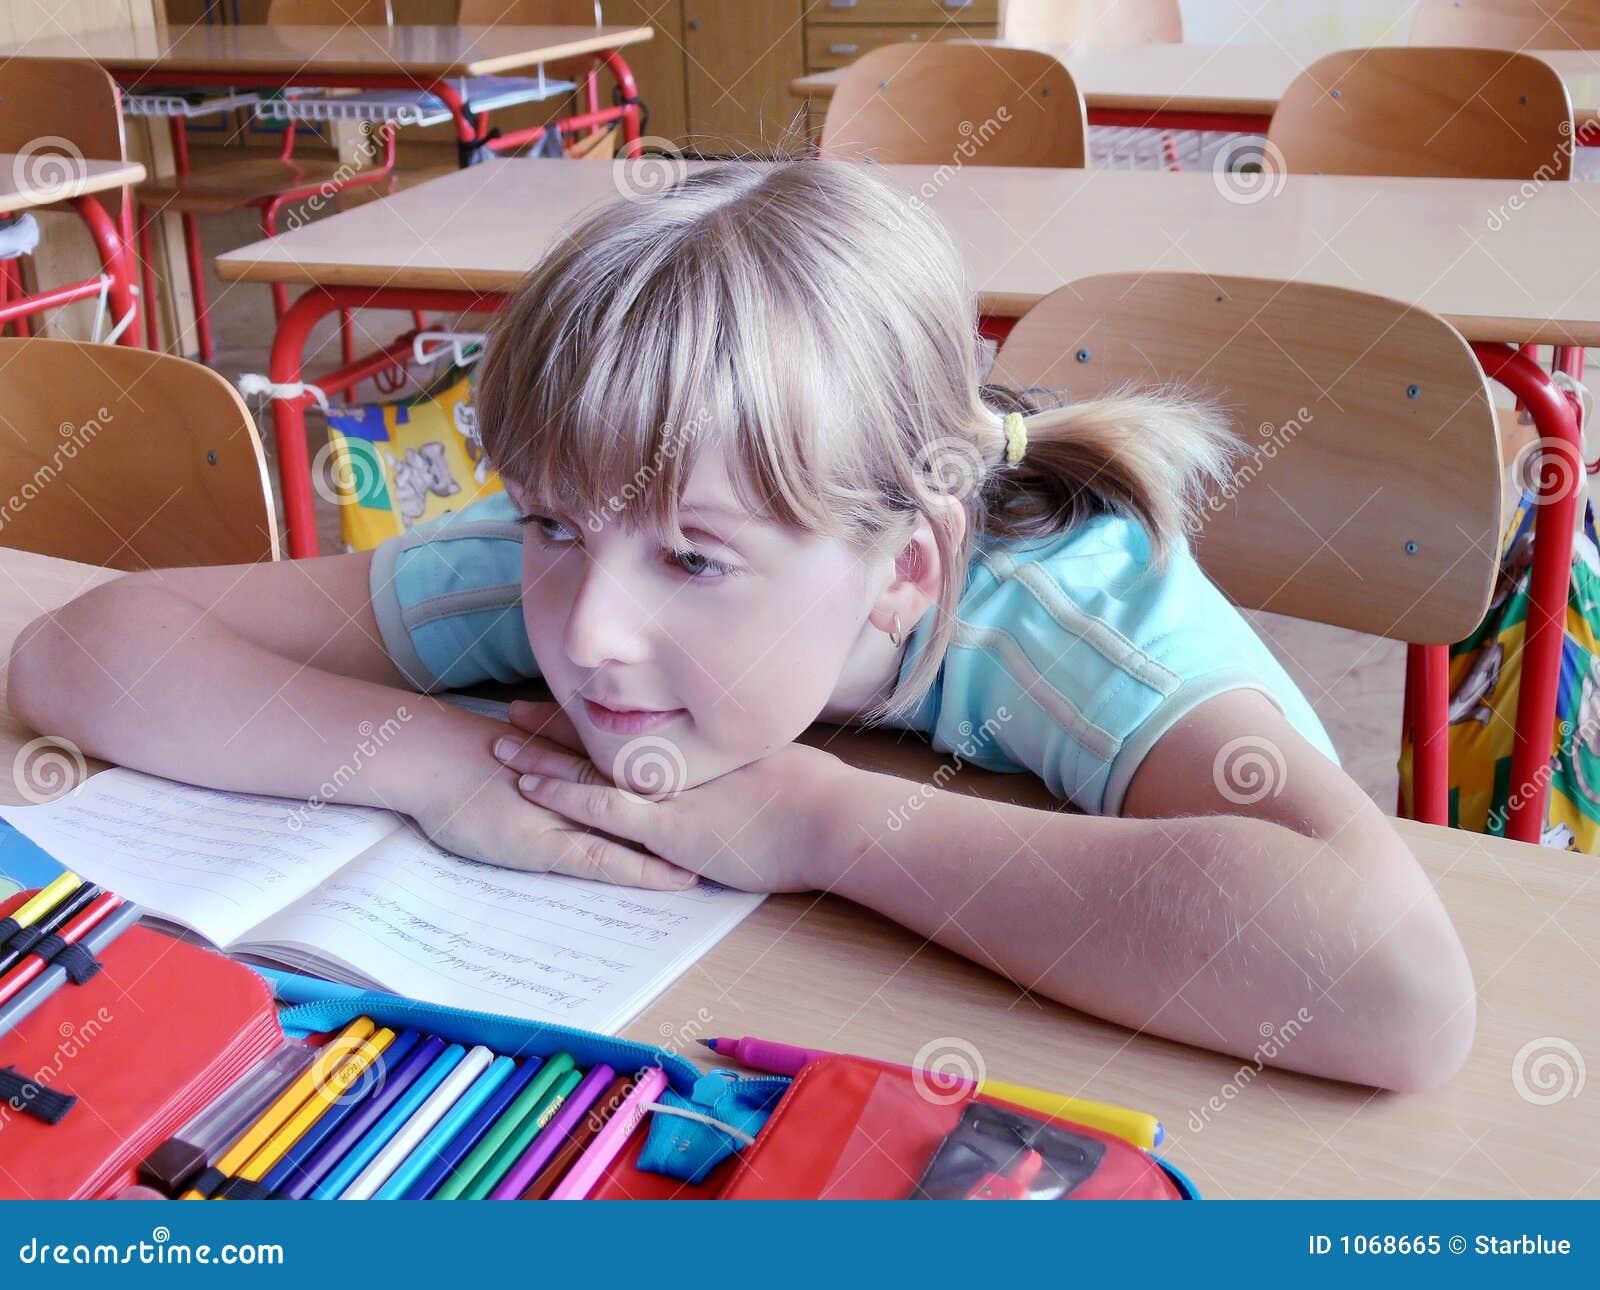 School girl in classroom